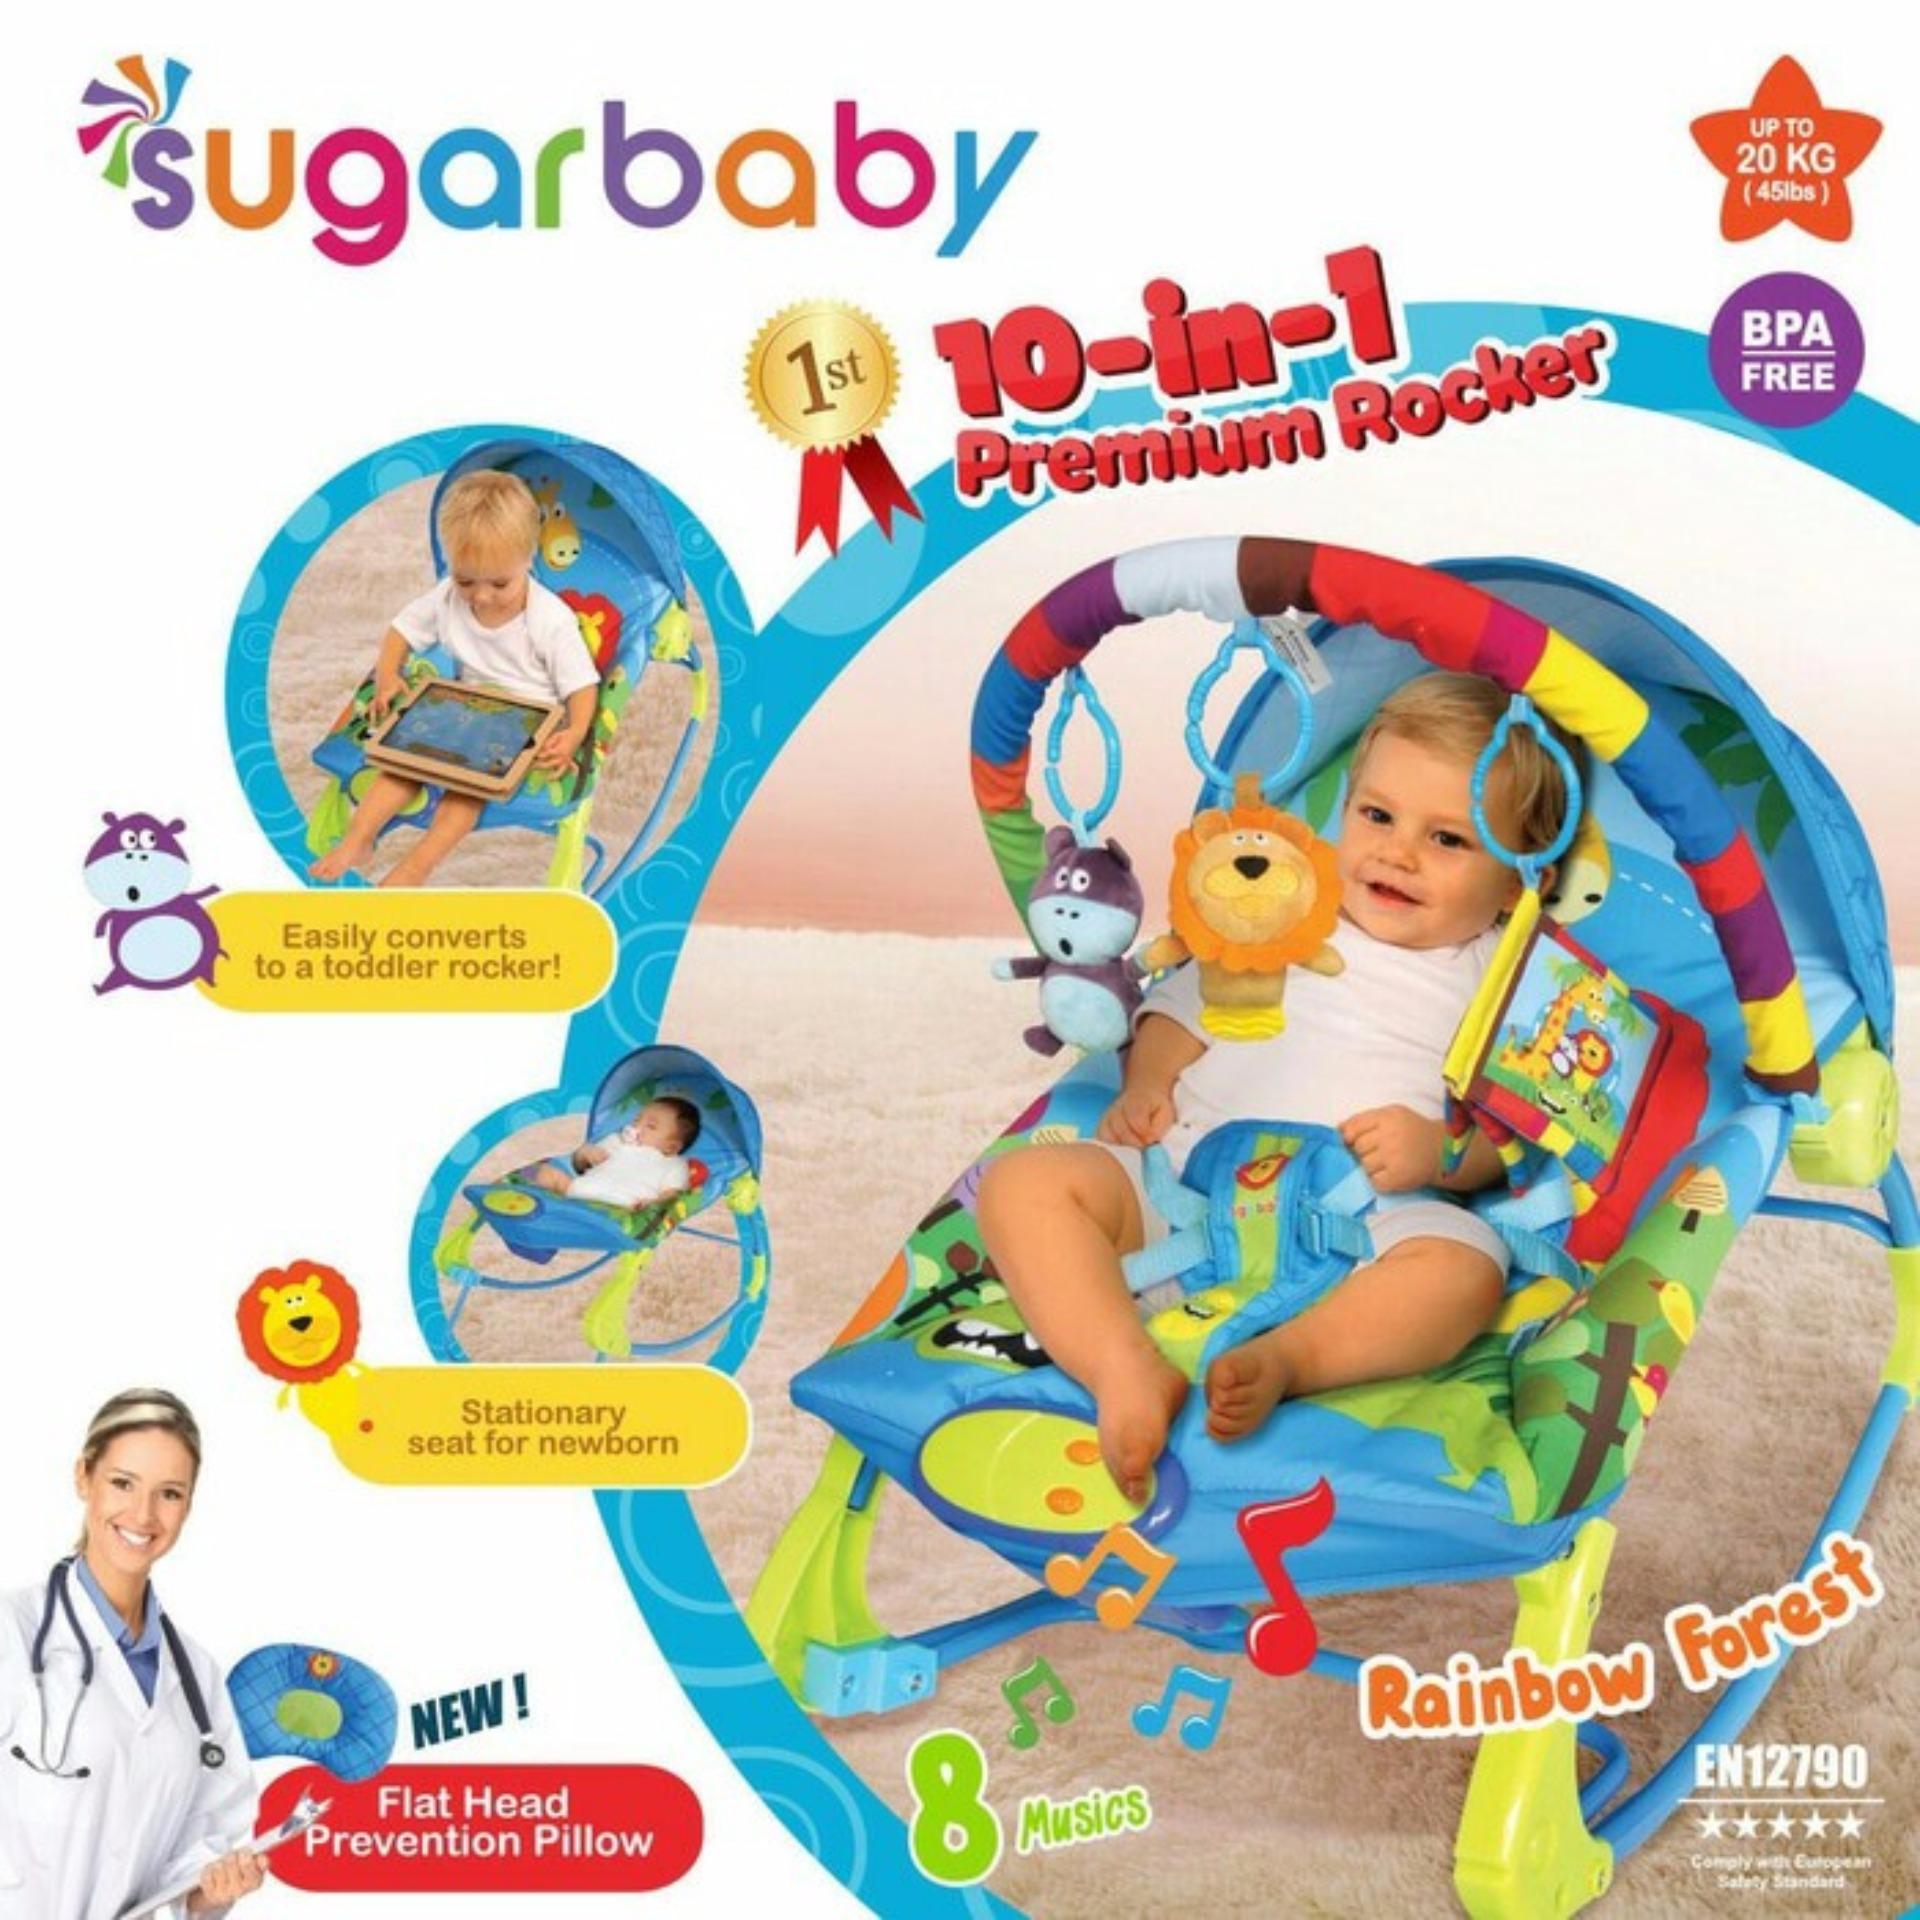 Sugar Baby 10 in 1 Premium Rocker Bouncer - Rainbow Forest - Ayunan Bayi - kursi